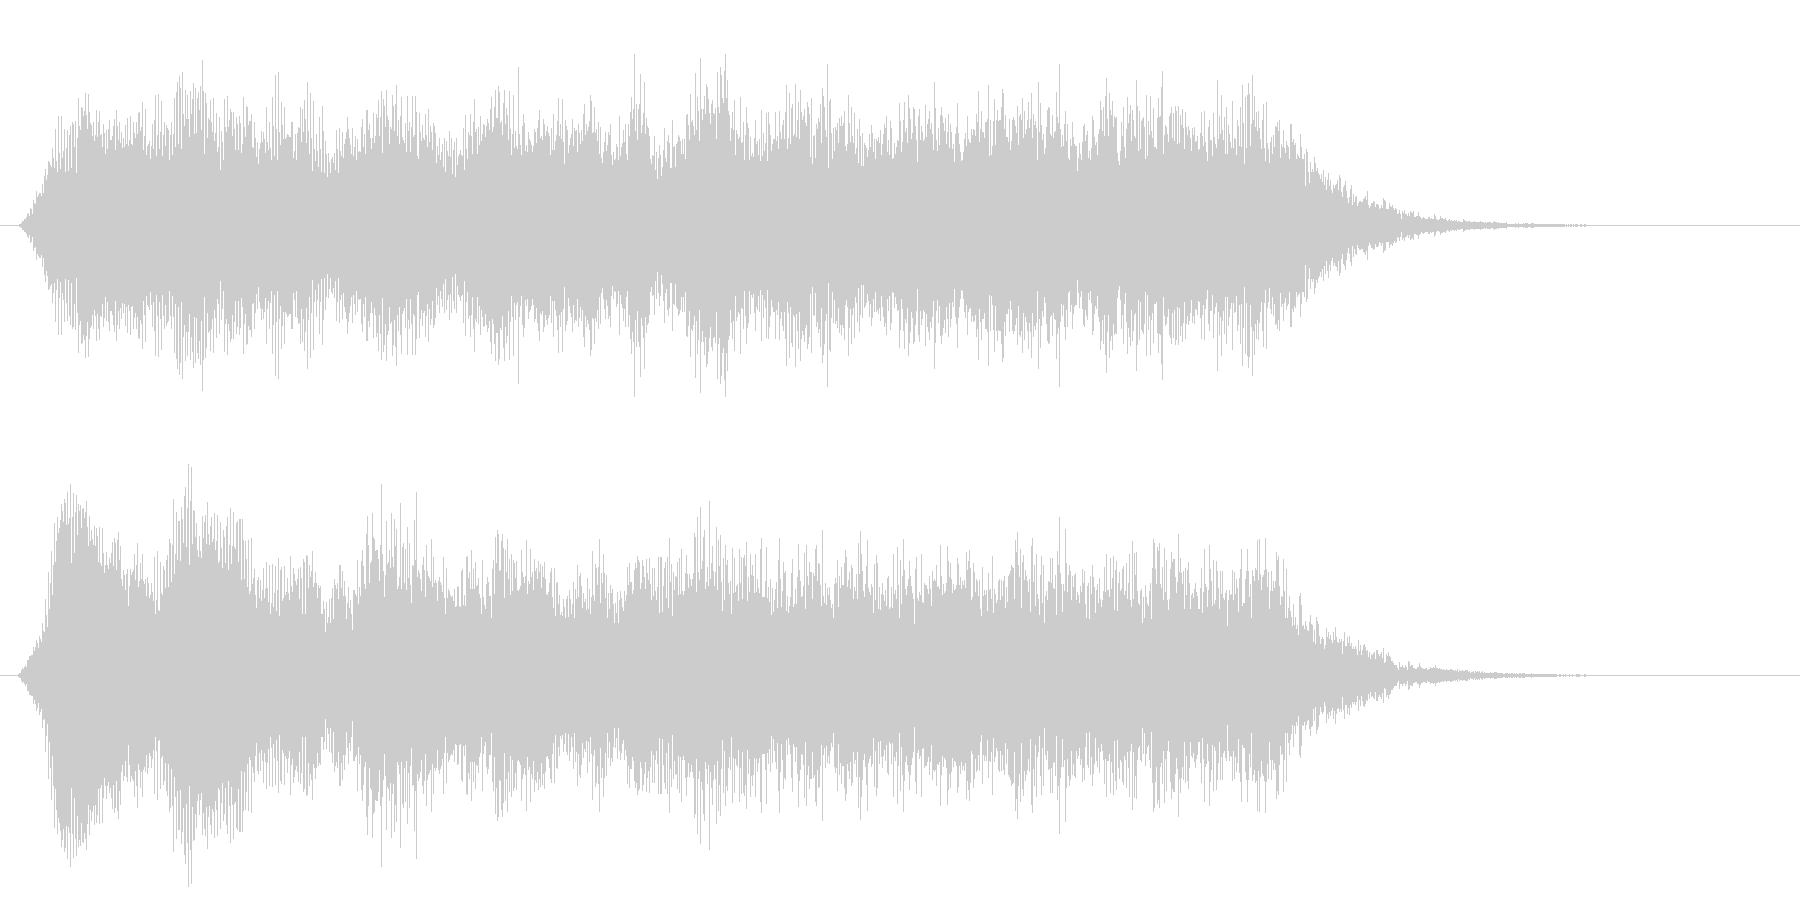 環境音系の効果音です。の未再生の波形